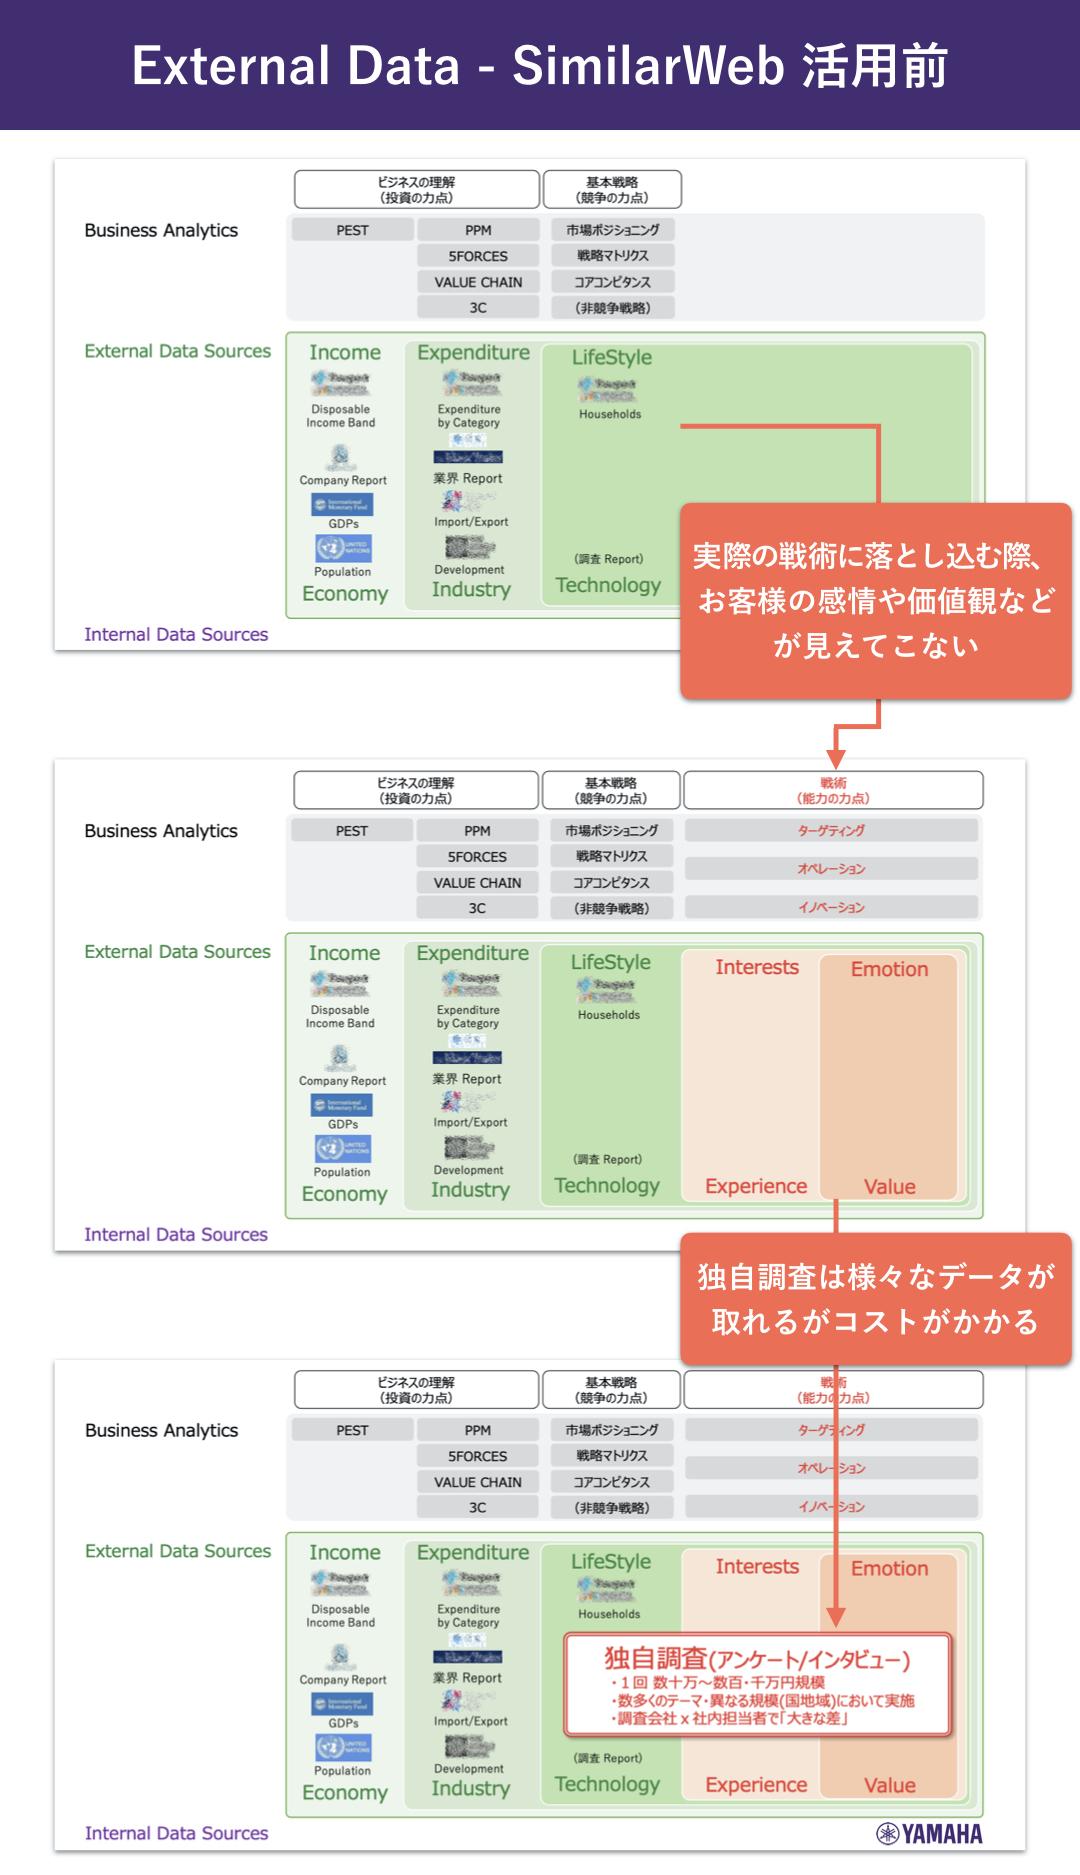 ヤマハ株式会社:濱崎司_External Data - SimilarWeb 活用前